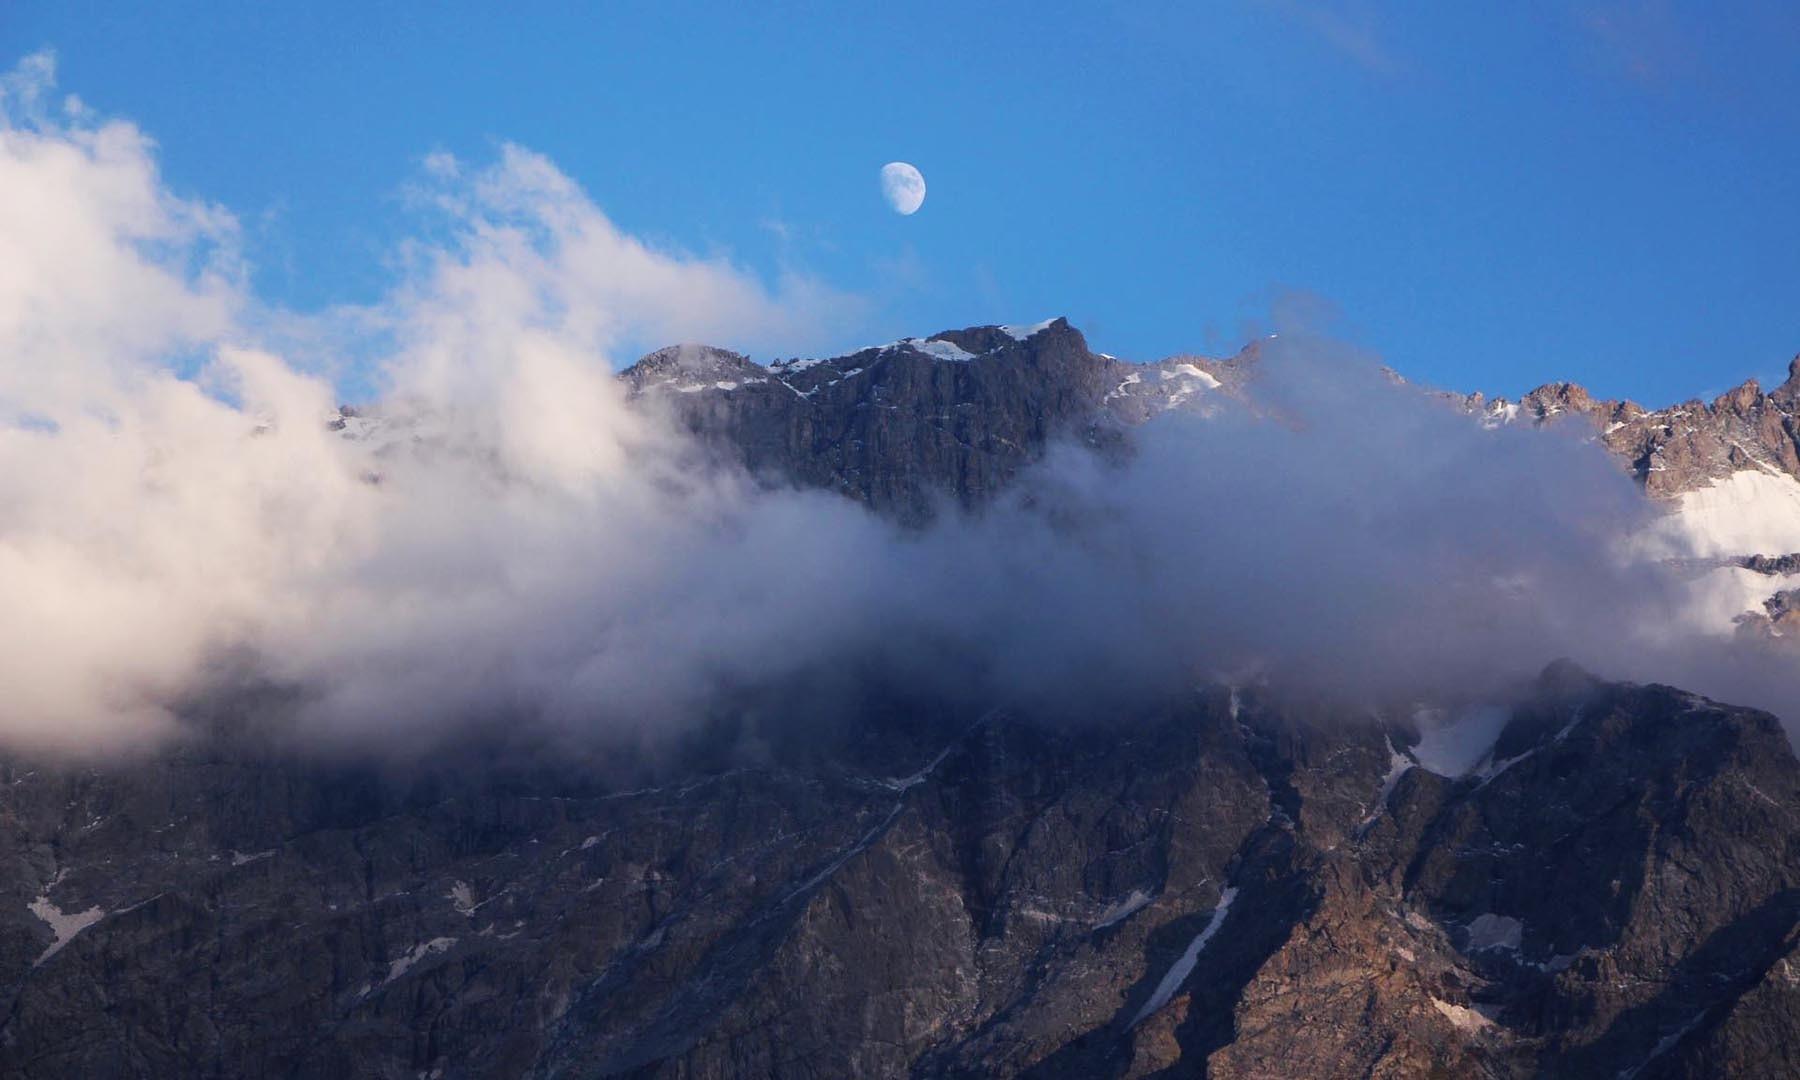 مانکیال سیریز کا ایک پہاڑ، اڑتے بادل اور چاند سماں باندھ رہے ہیں